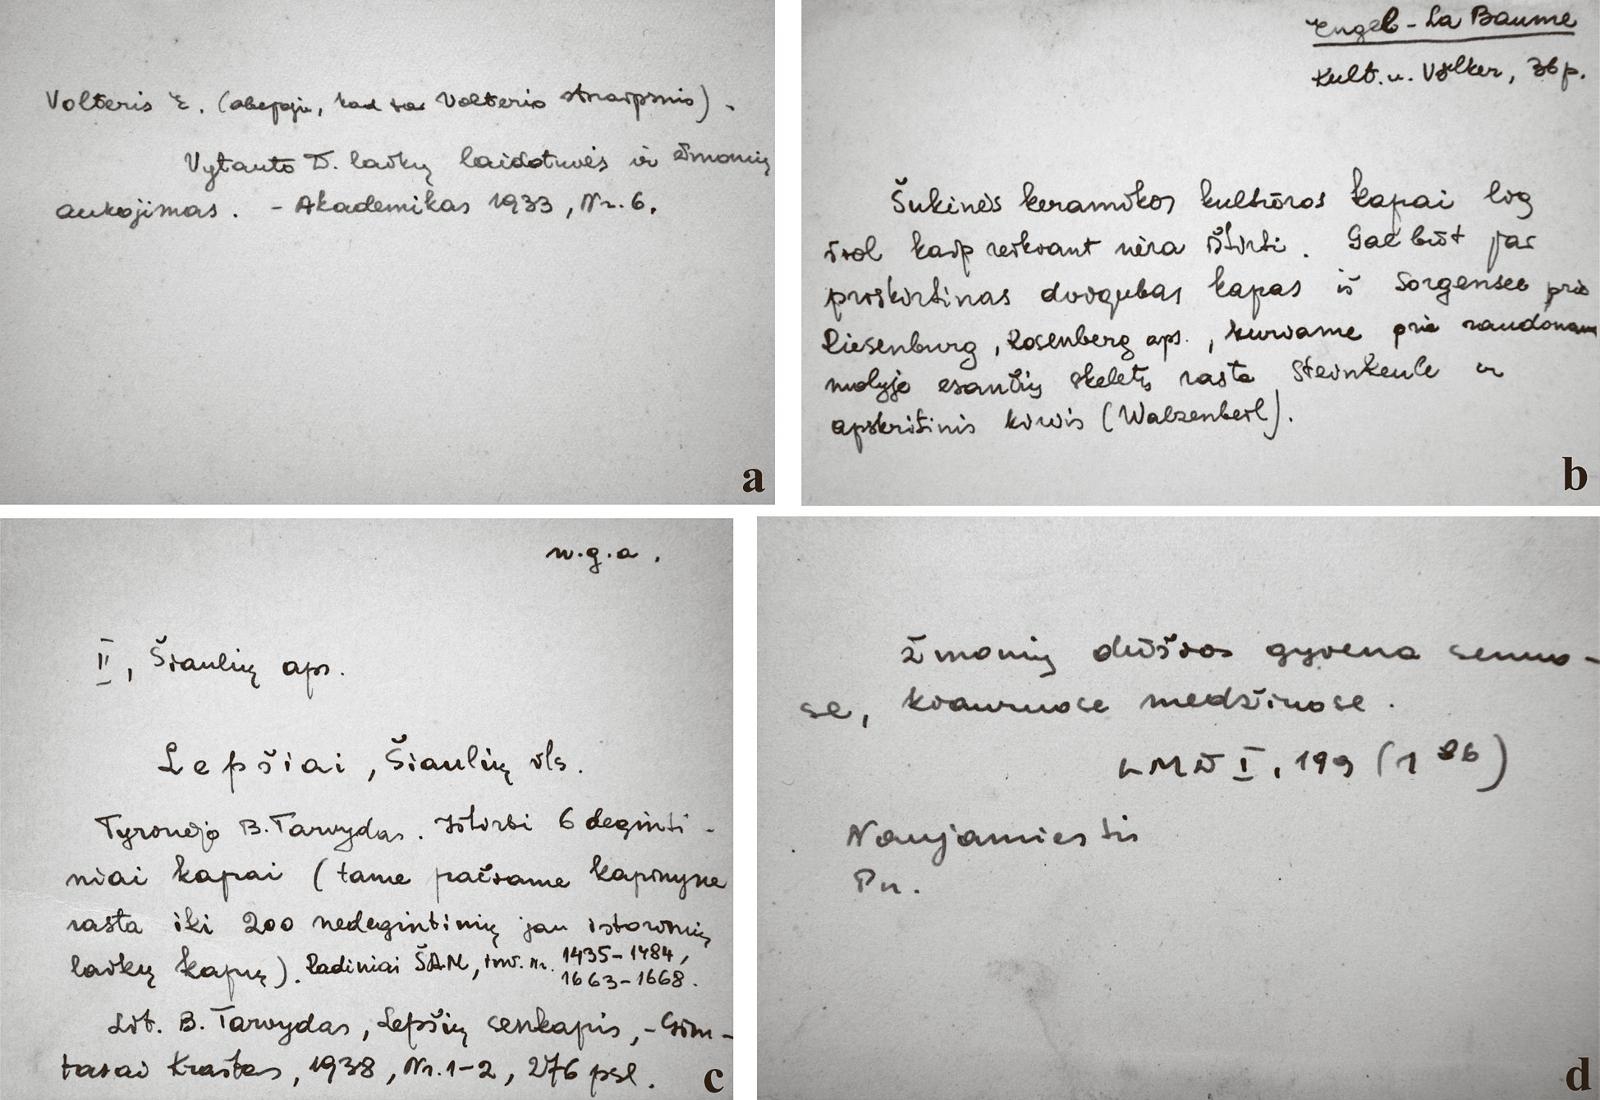 2 pav. M. Alseikaitės-Gimbutienės kortelių pavyzdžiai: a) bibliografinė nuoroda; b) bibliografinė nuoroda su trumpu aprašu; c) informacija apie laidojimo paminklą, archeologinius tyrimus, radinių saugojimo vietą ir literatūrą apie tyrimus; d) tikėjimą pomirtiniu gyvenimu atspindinti tautosaka (VUB RS, f. 154–503/2). G. Petrausko nuotr. / Fig. 2. Examples of the M. Alseikaitė-Gimbutienė index card file: a) a bibliographic reference; b) a bibliographic reference with a short description; c) information about a burial site, archaeological investigations, a storage place of findings and a bibliography of investigations; d) folklore of beliefs in the afterlife (VUB RS, f. 154–503/2). Photo by G. Petrauskas